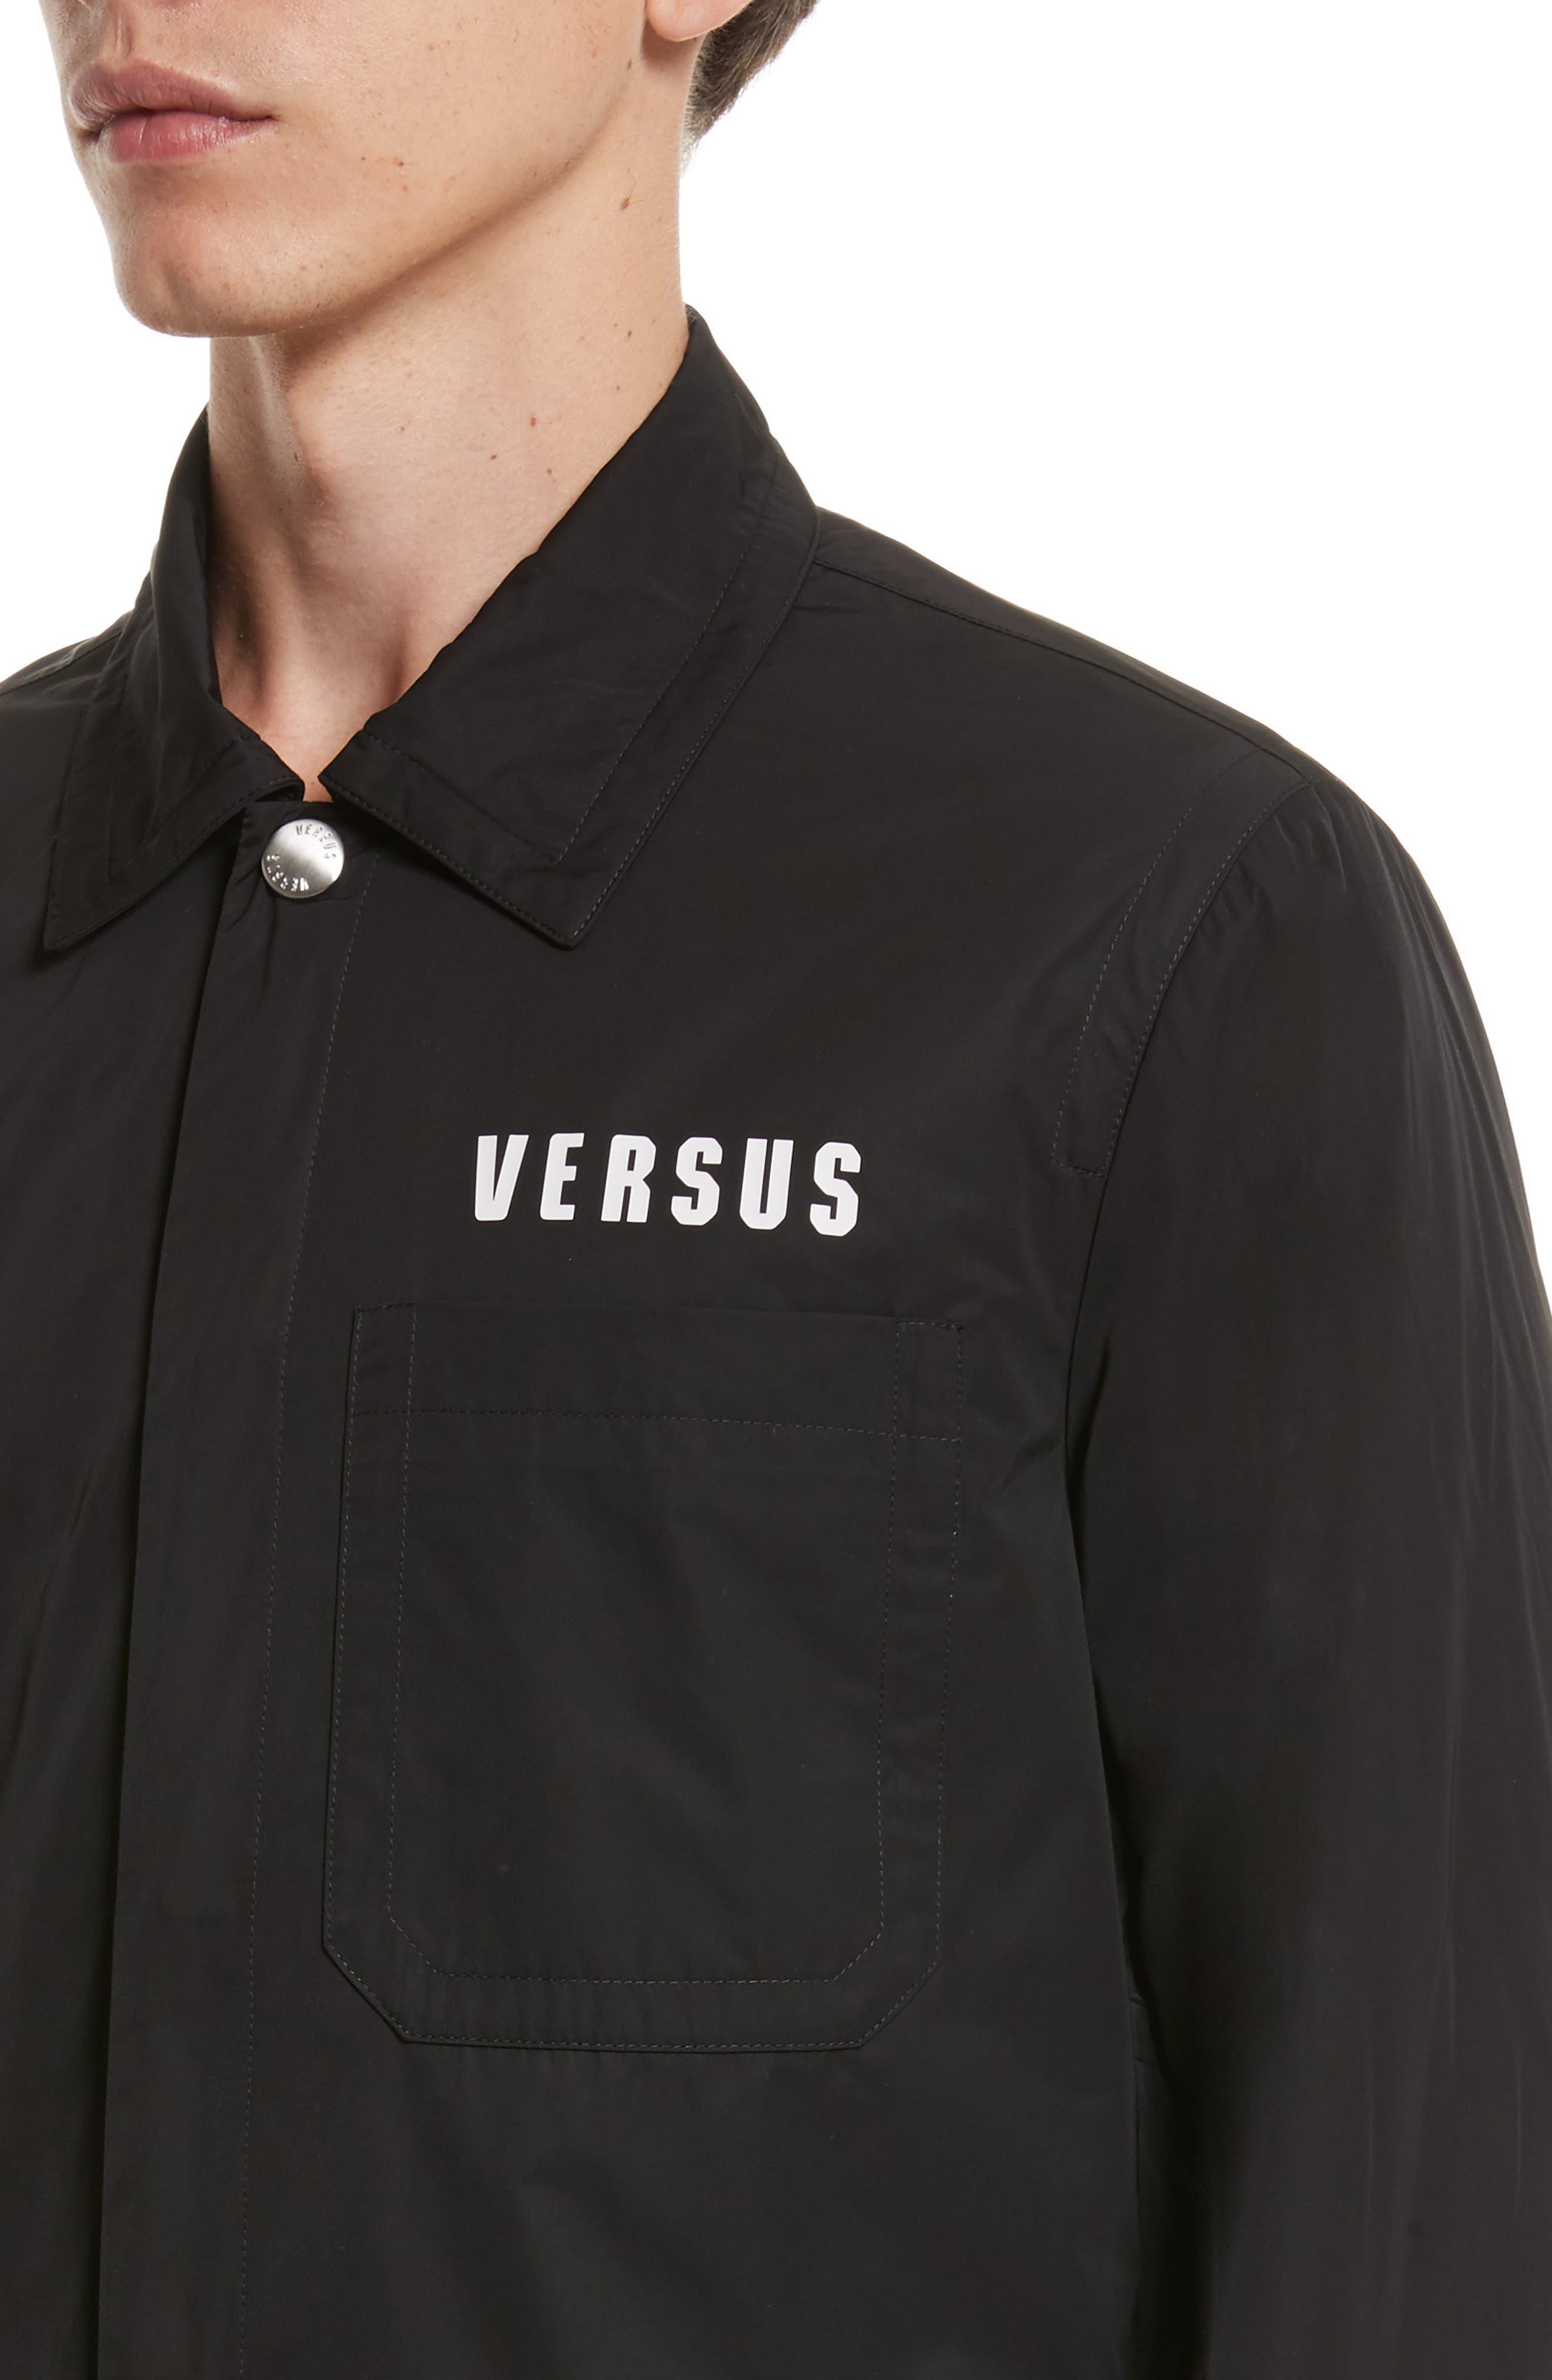 VERSUS by Versace Tech Jacket,                             Alternate thumbnail 4, color,                             Black